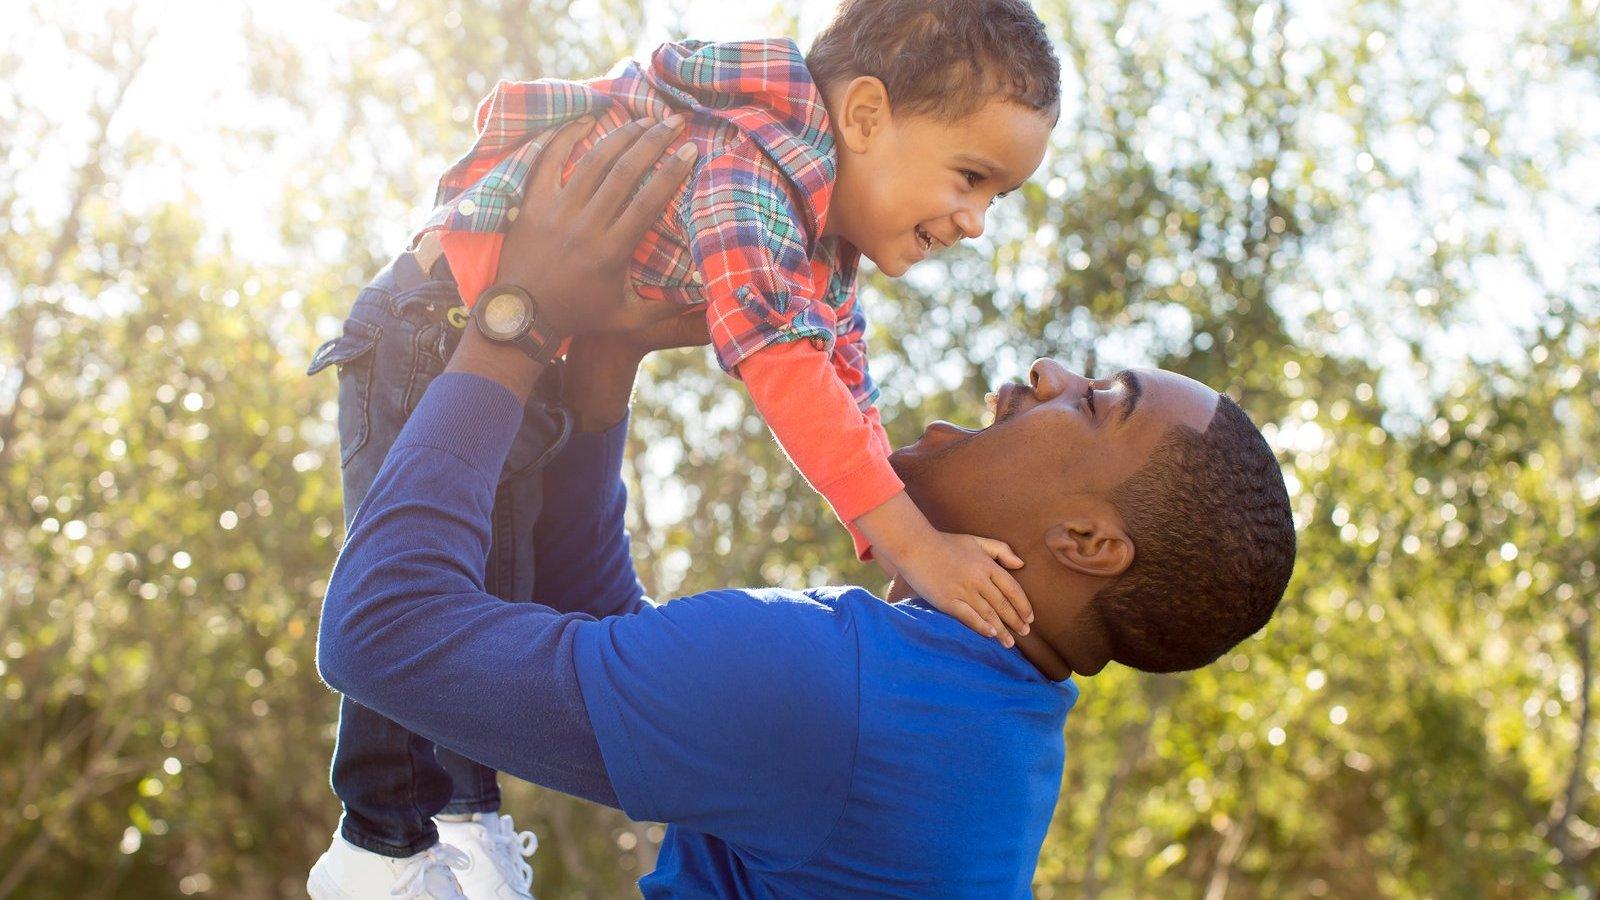 Homem com a boca aberta segura um menino pequeno para o alto, que ri com a atitude.